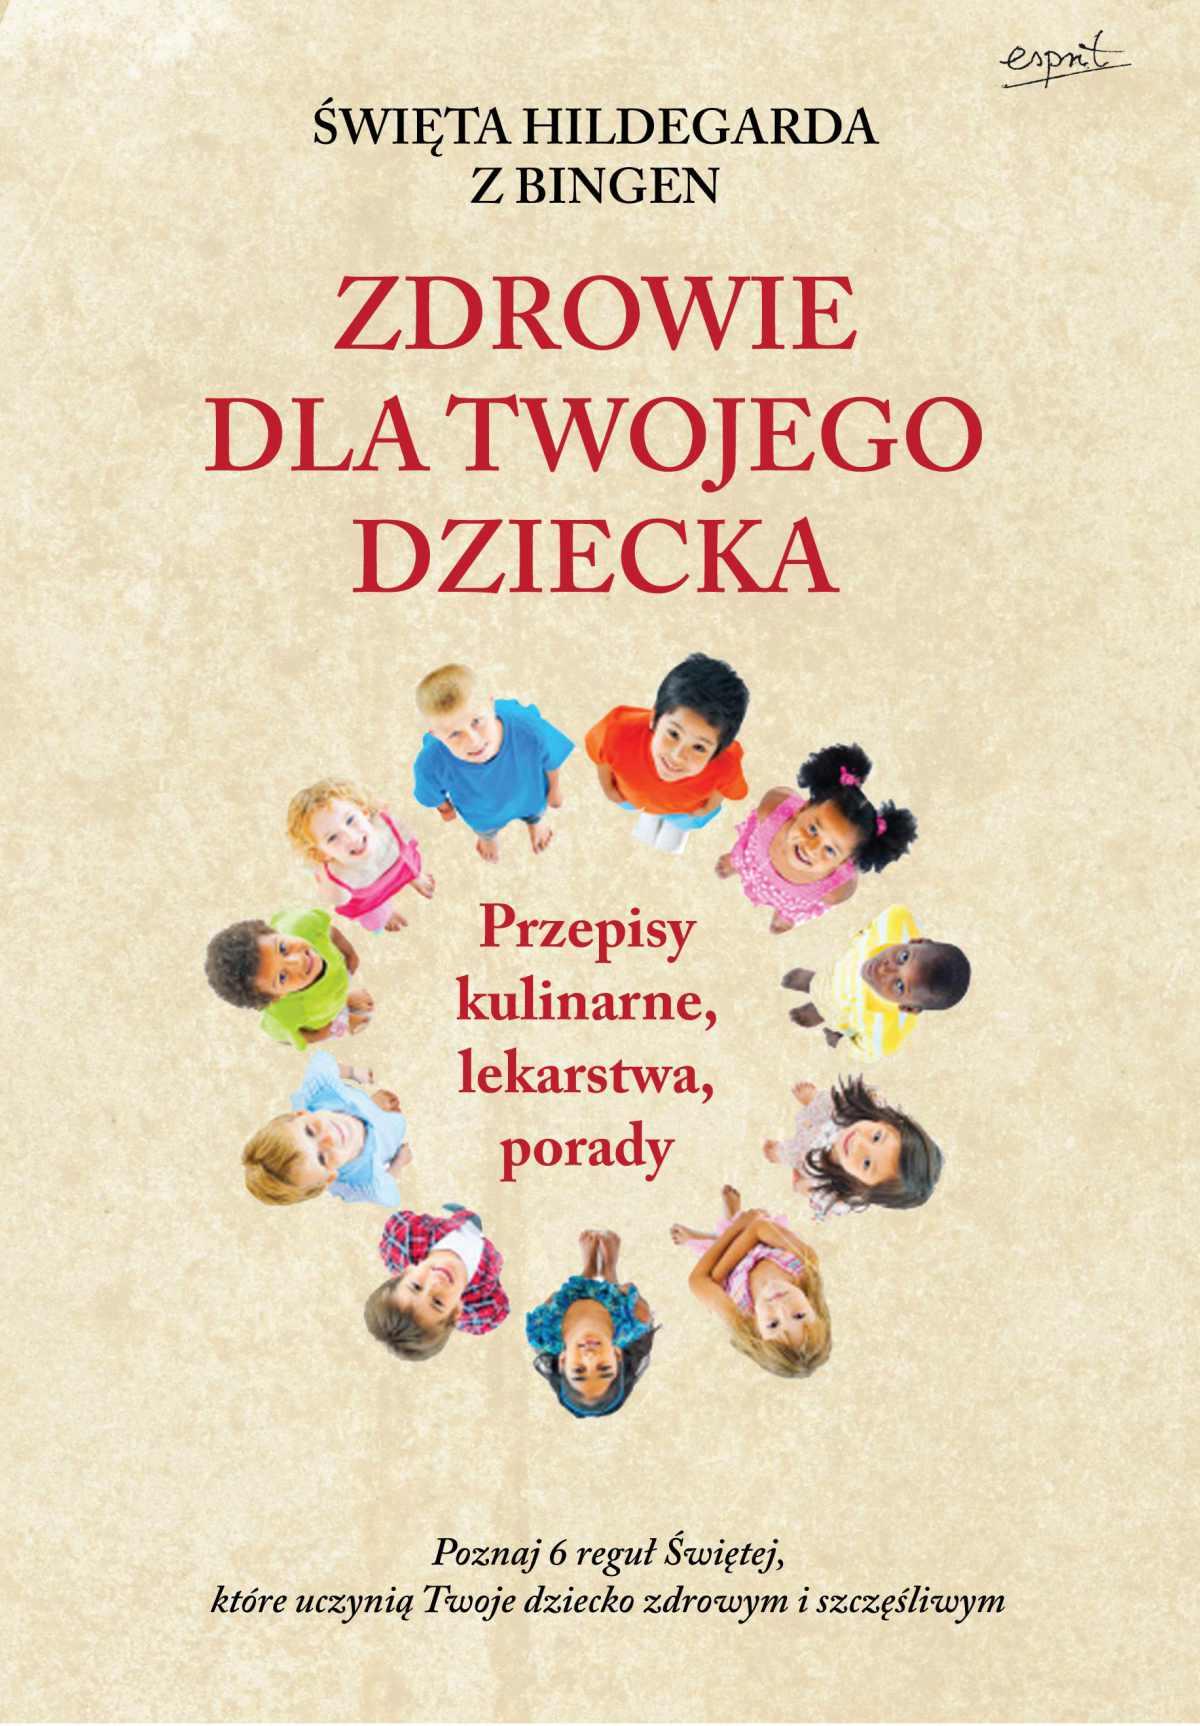 Św. Hildegarda z Bingen. Zdrowie dla twojego dziecka - Ebook (Książka EPUB) do pobrania w formacie EPUB